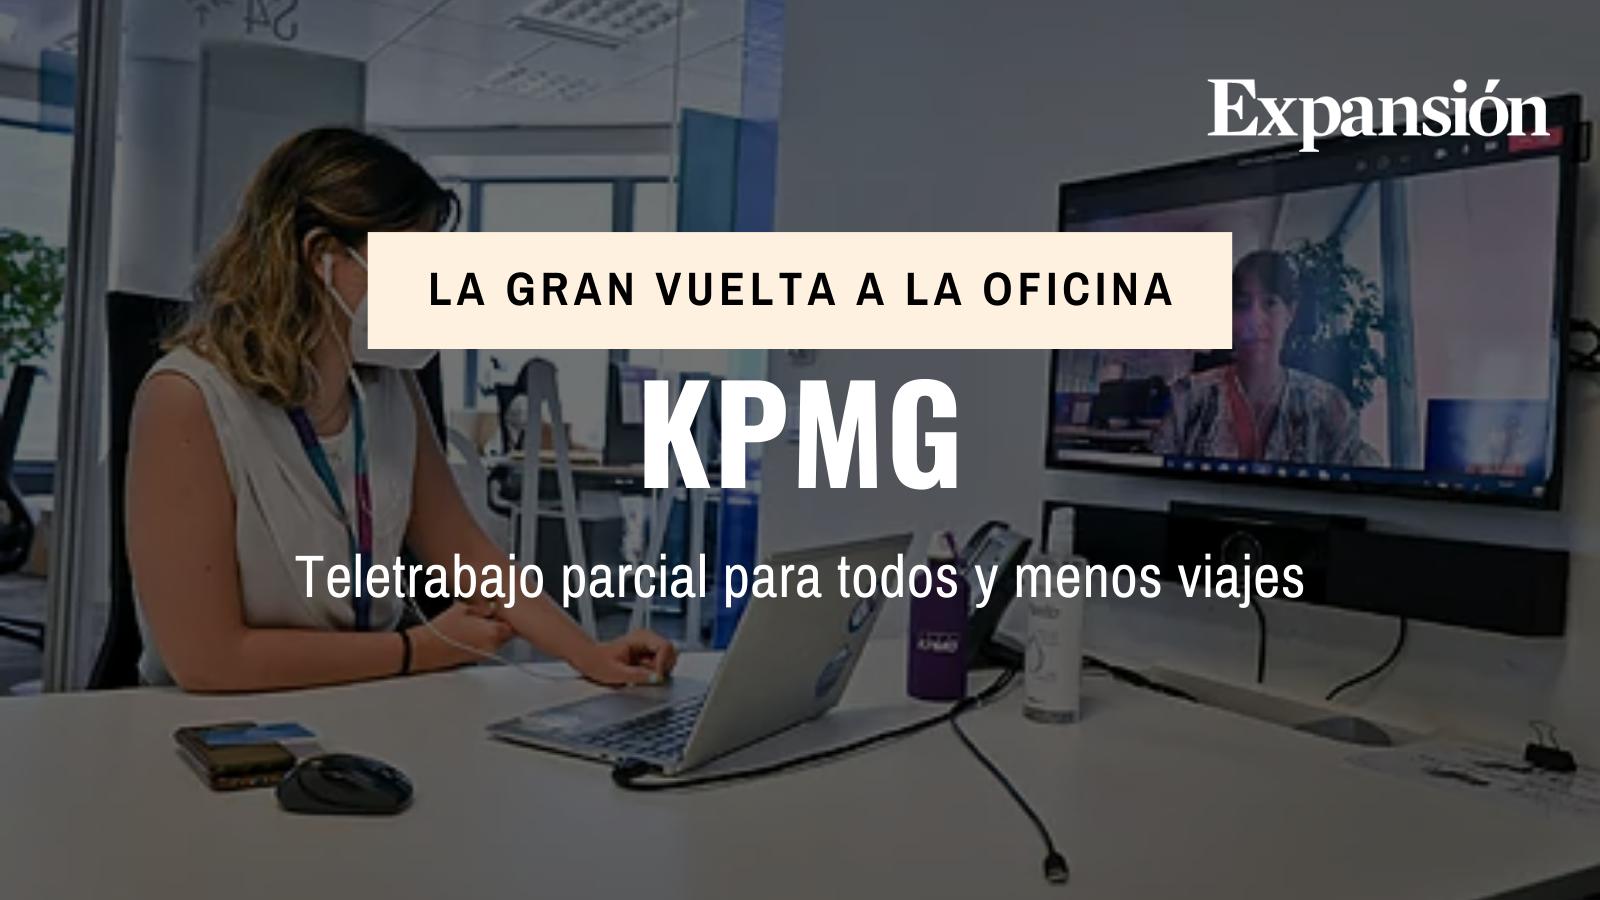 KPMG: teletrabajo parcial para todos y menos viajes